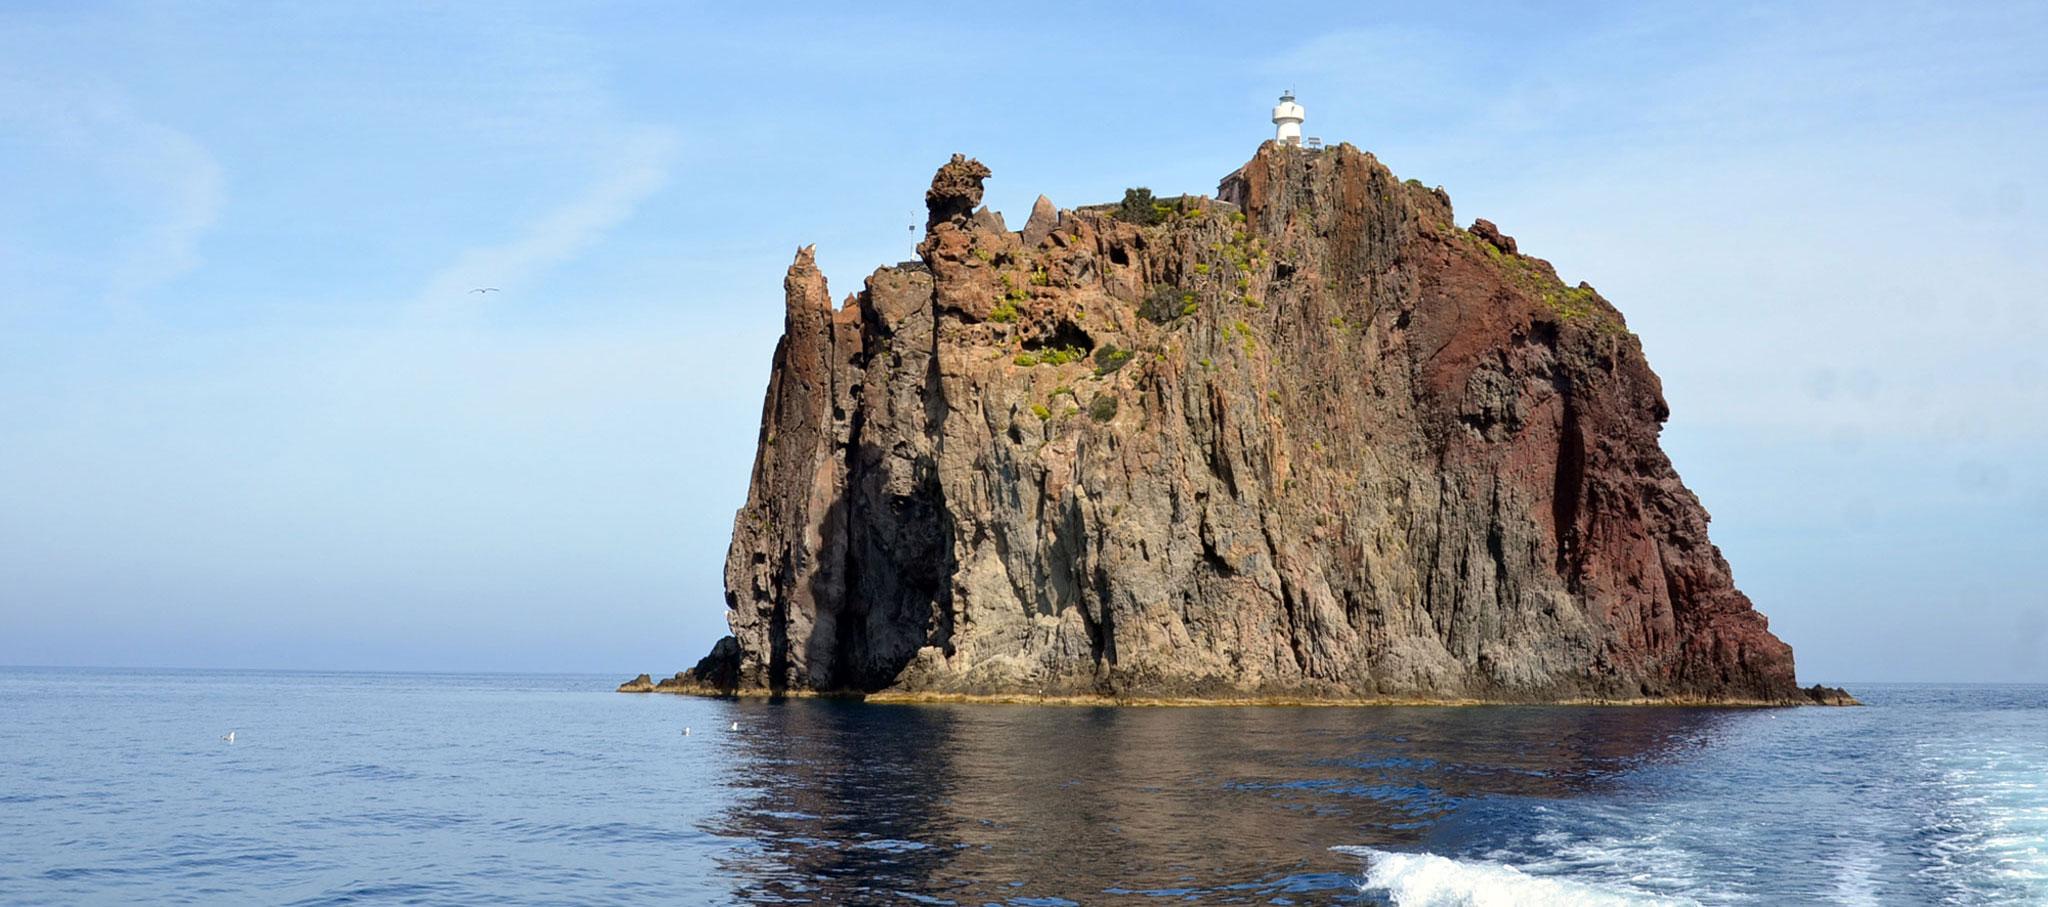 Islas. Islas, Desierto, Montaña: ARQUITECTURA GRADO CERO. Imagen cortesía de Josep Lluís Mateo